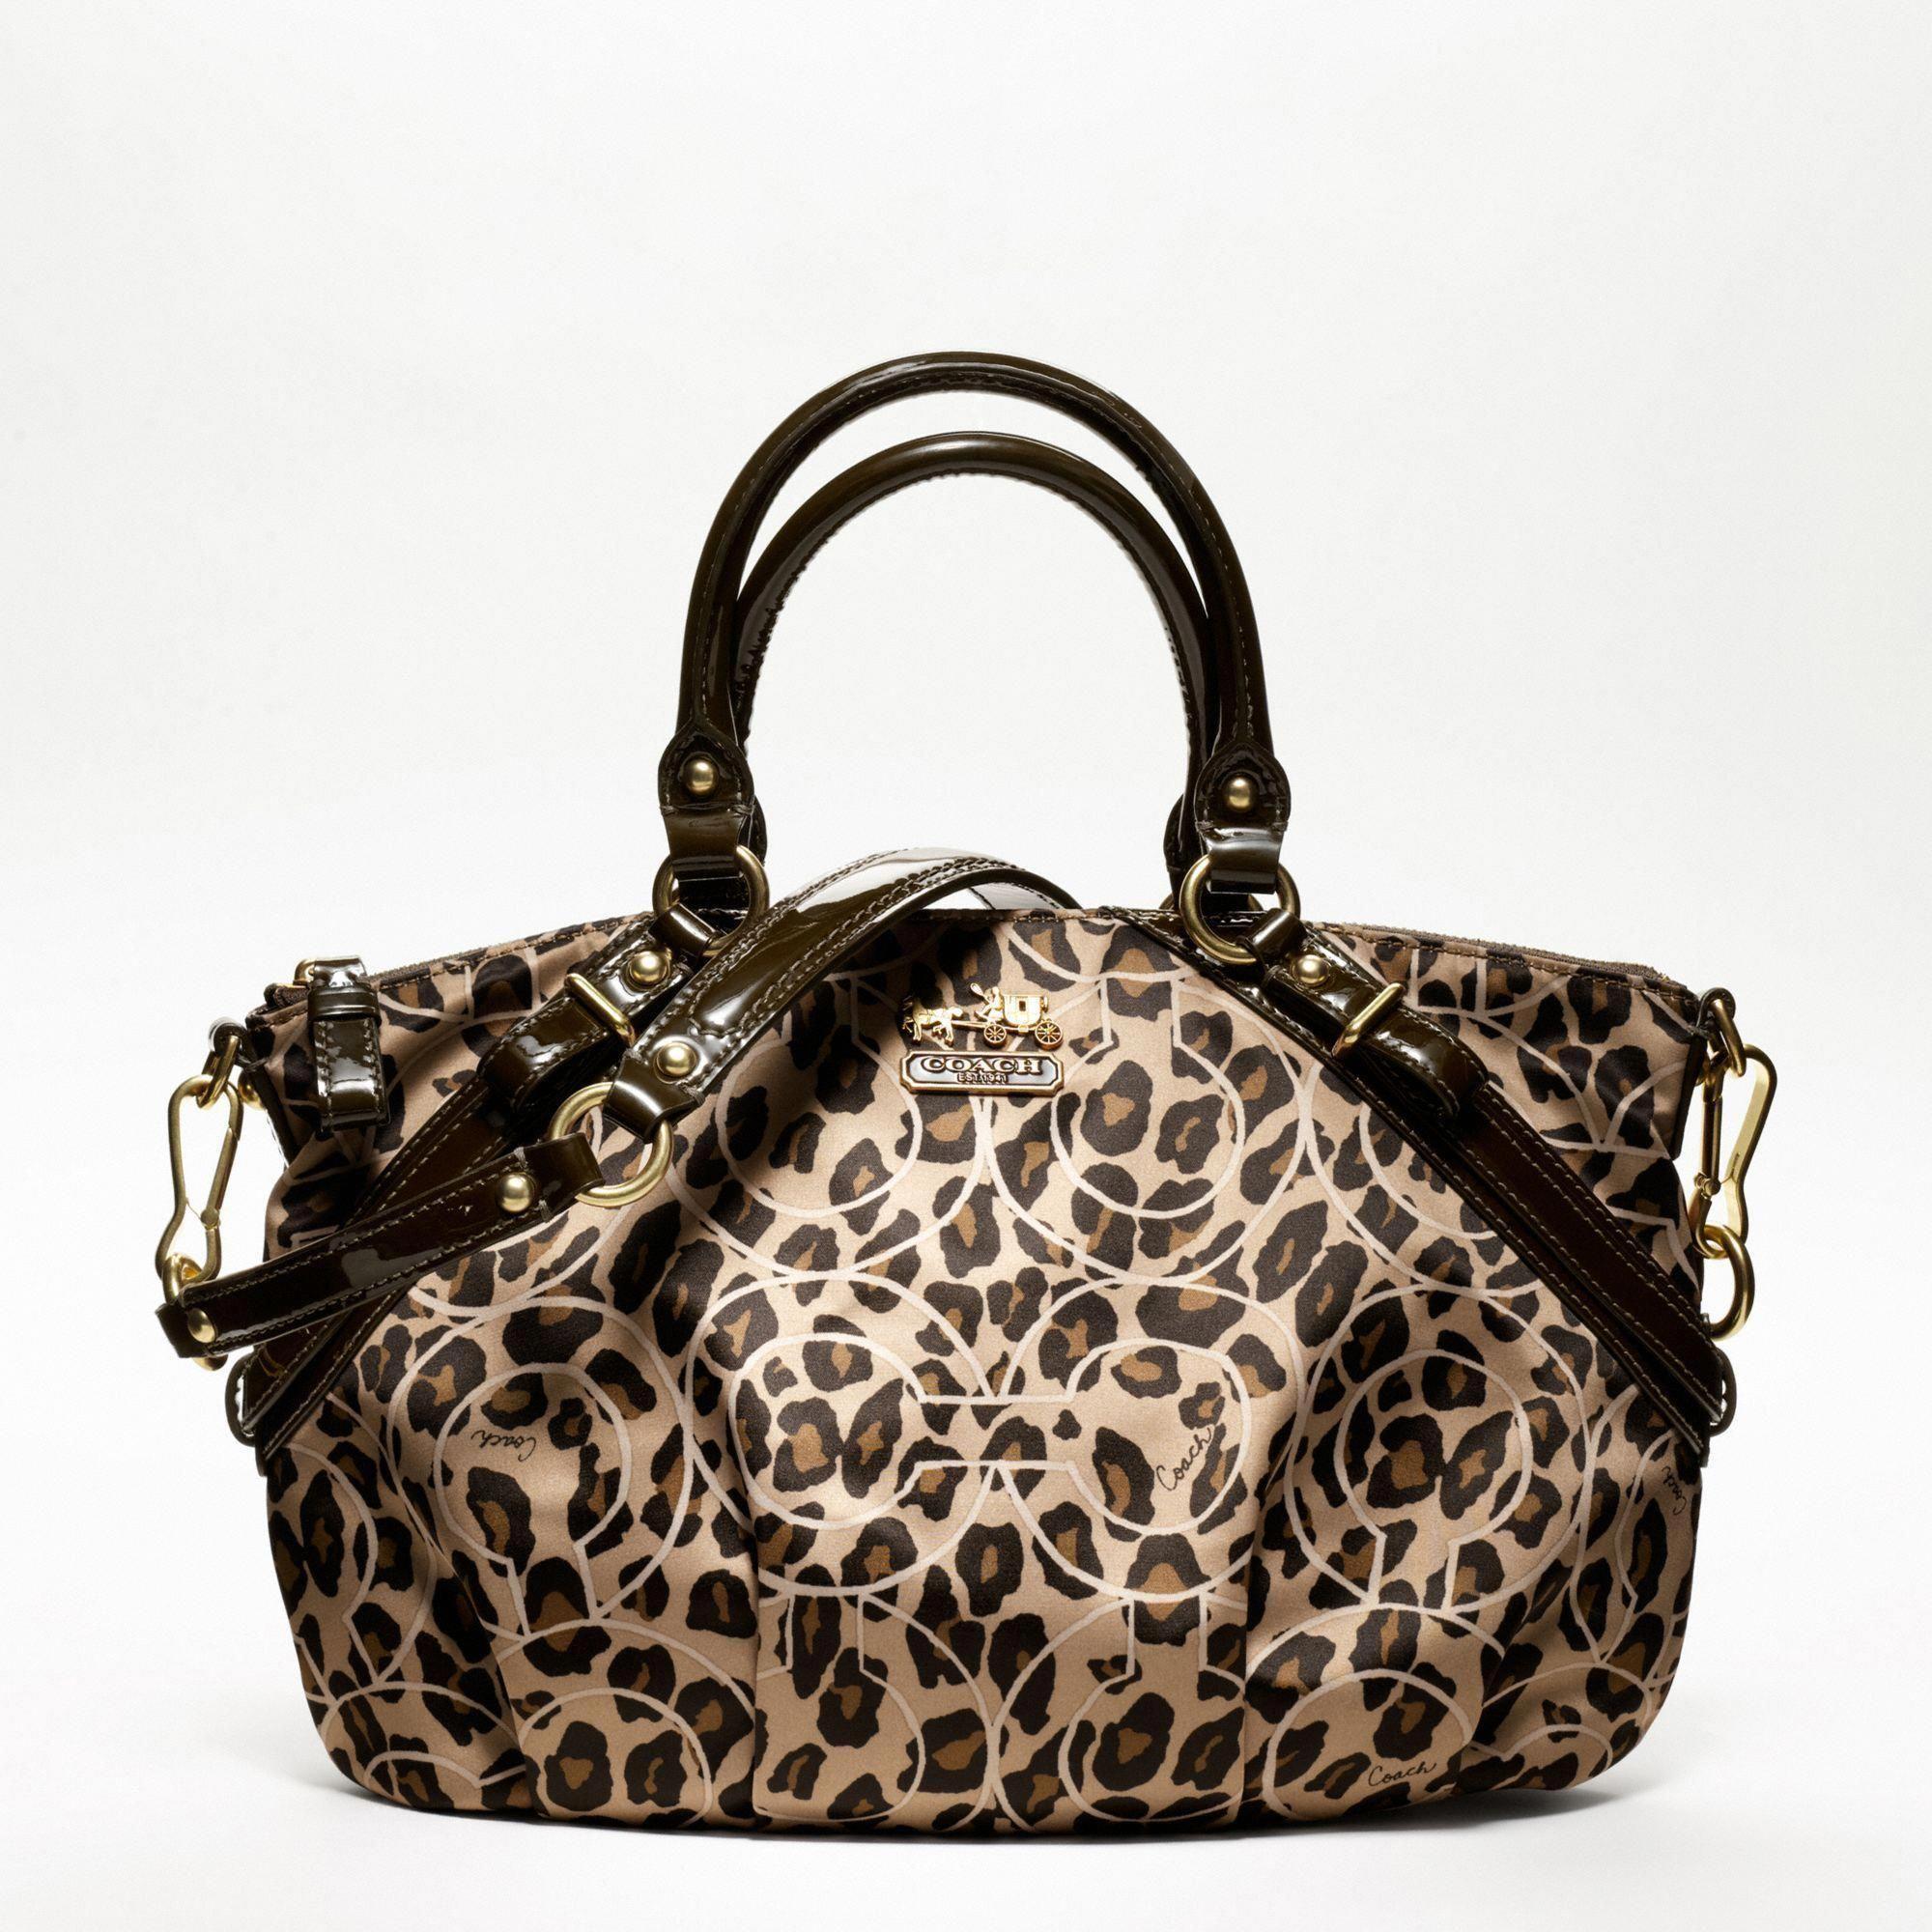 530b9b72ea Loving this Coach bag!  Designerhandbags. Loving this Coach bag!  Designerhandbags  Handbags On Sale